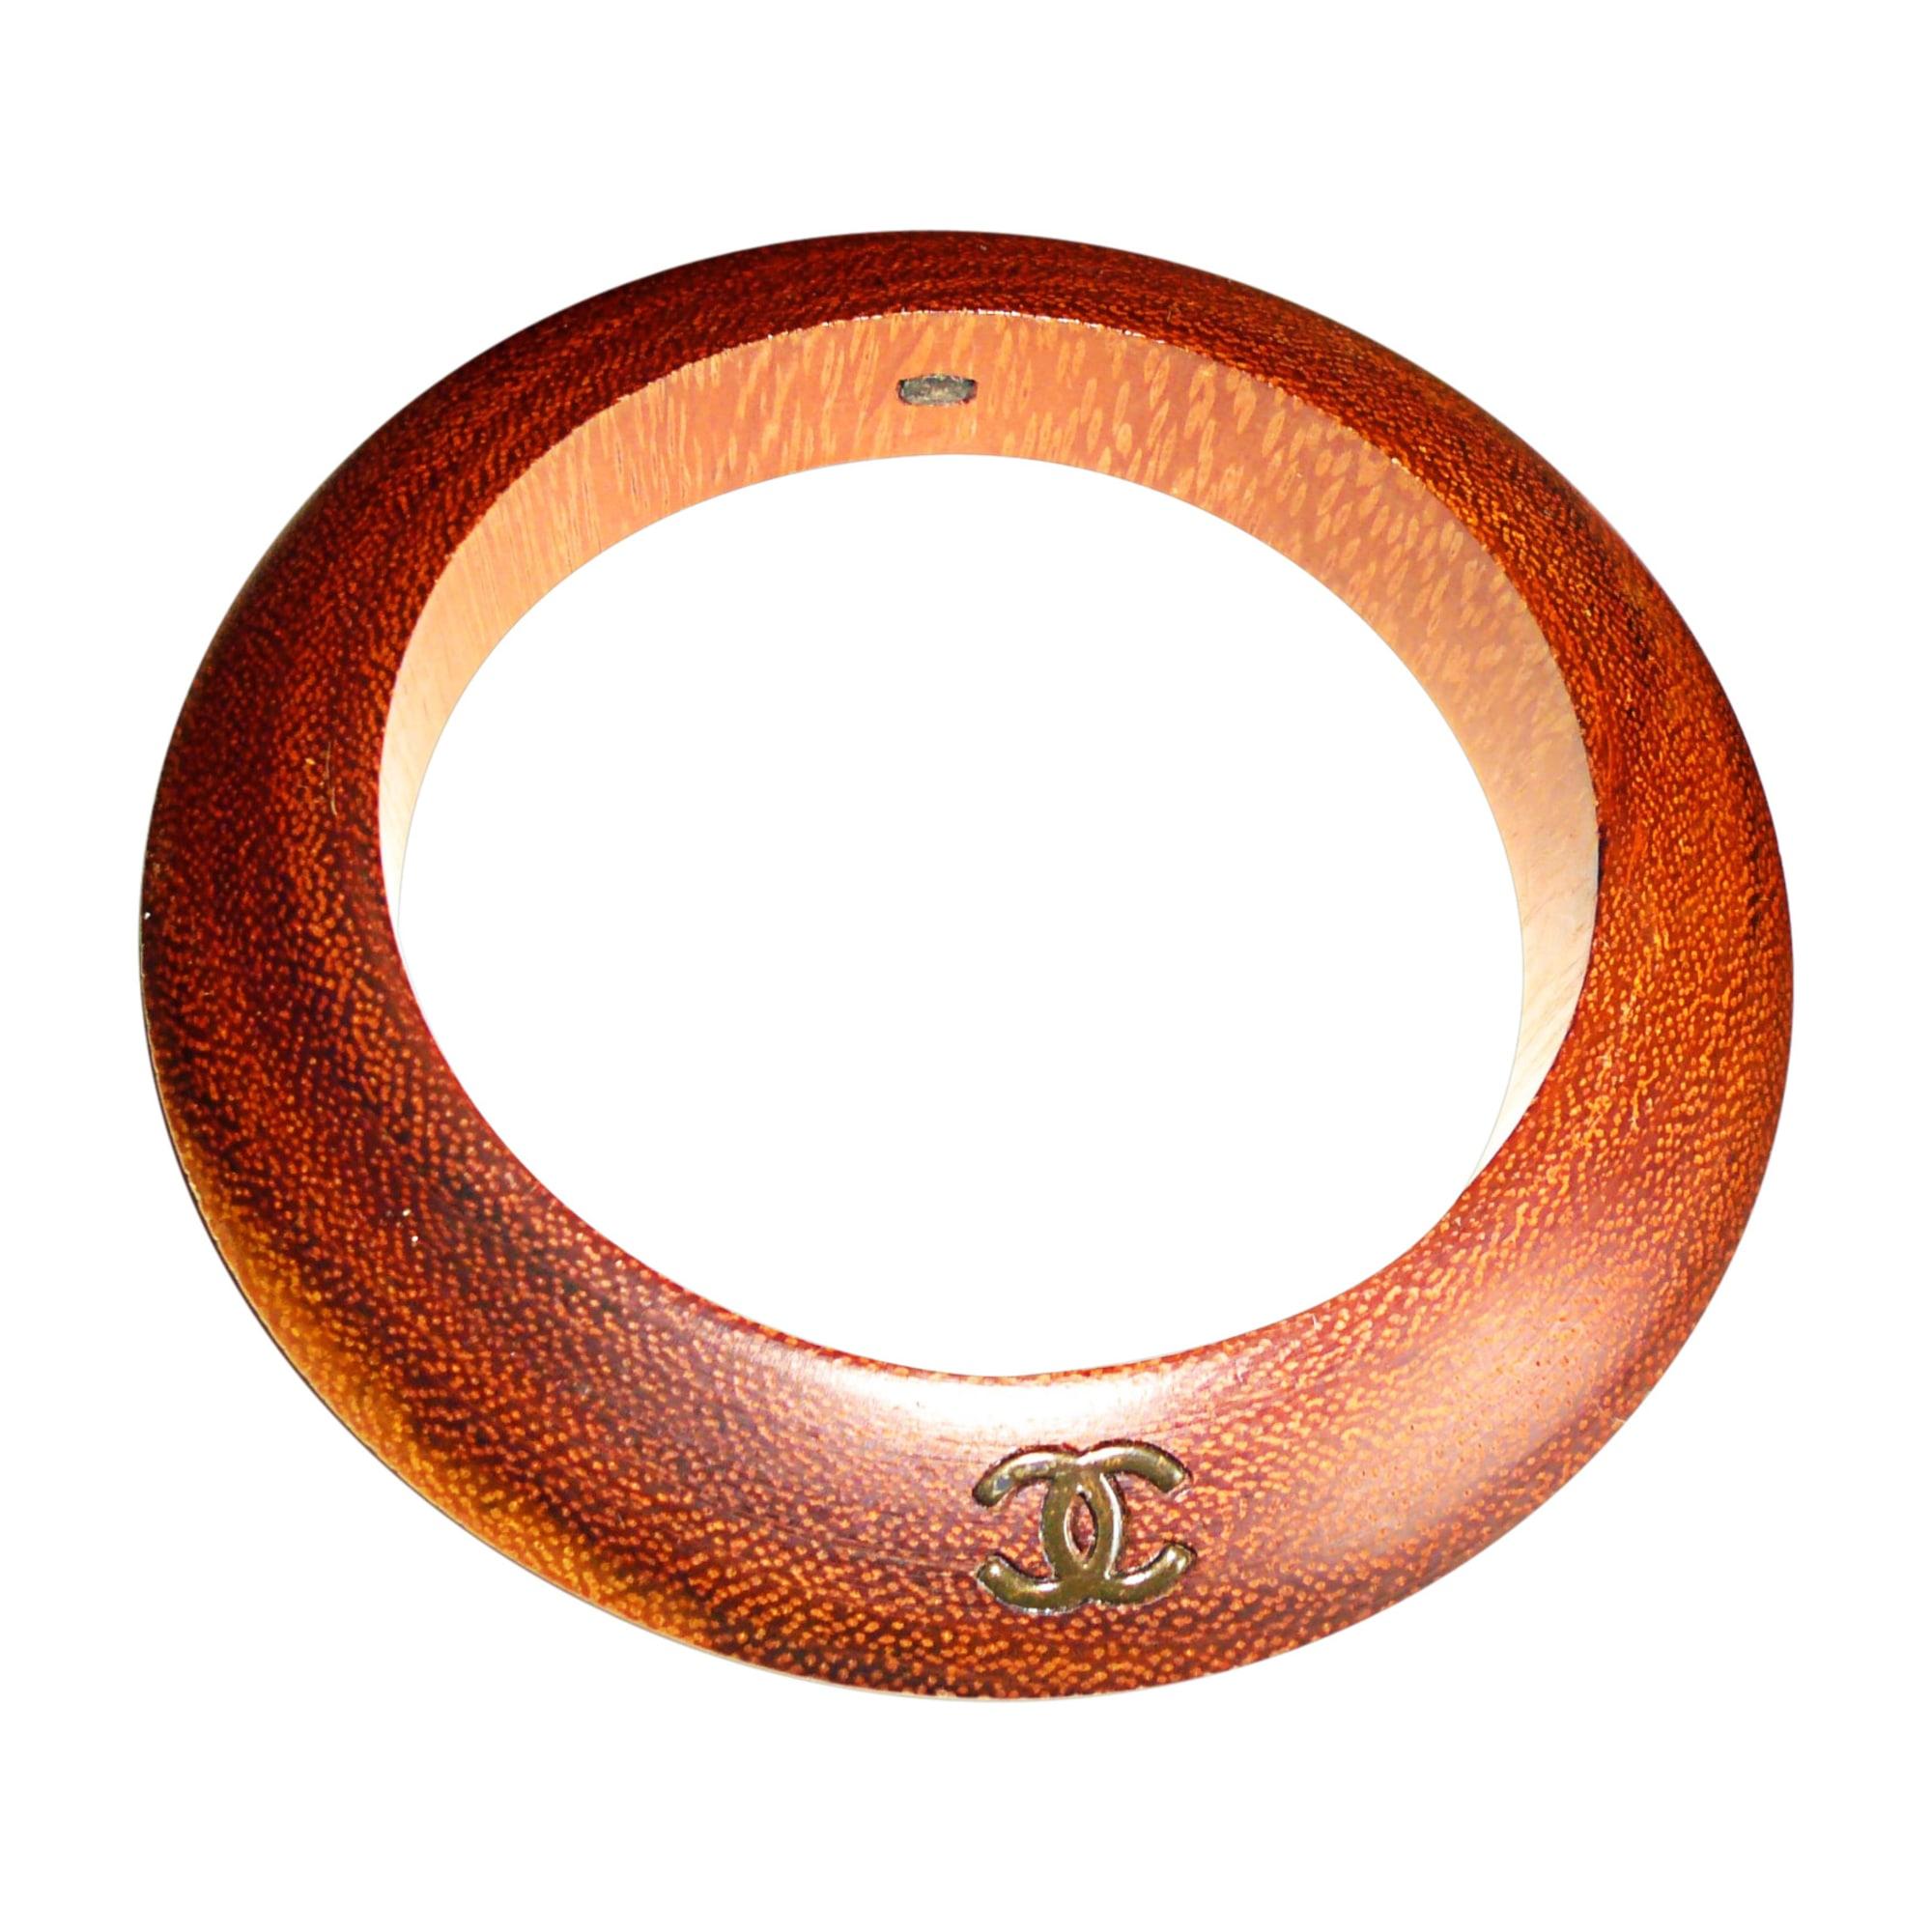 Bracelet CHANEL Marron